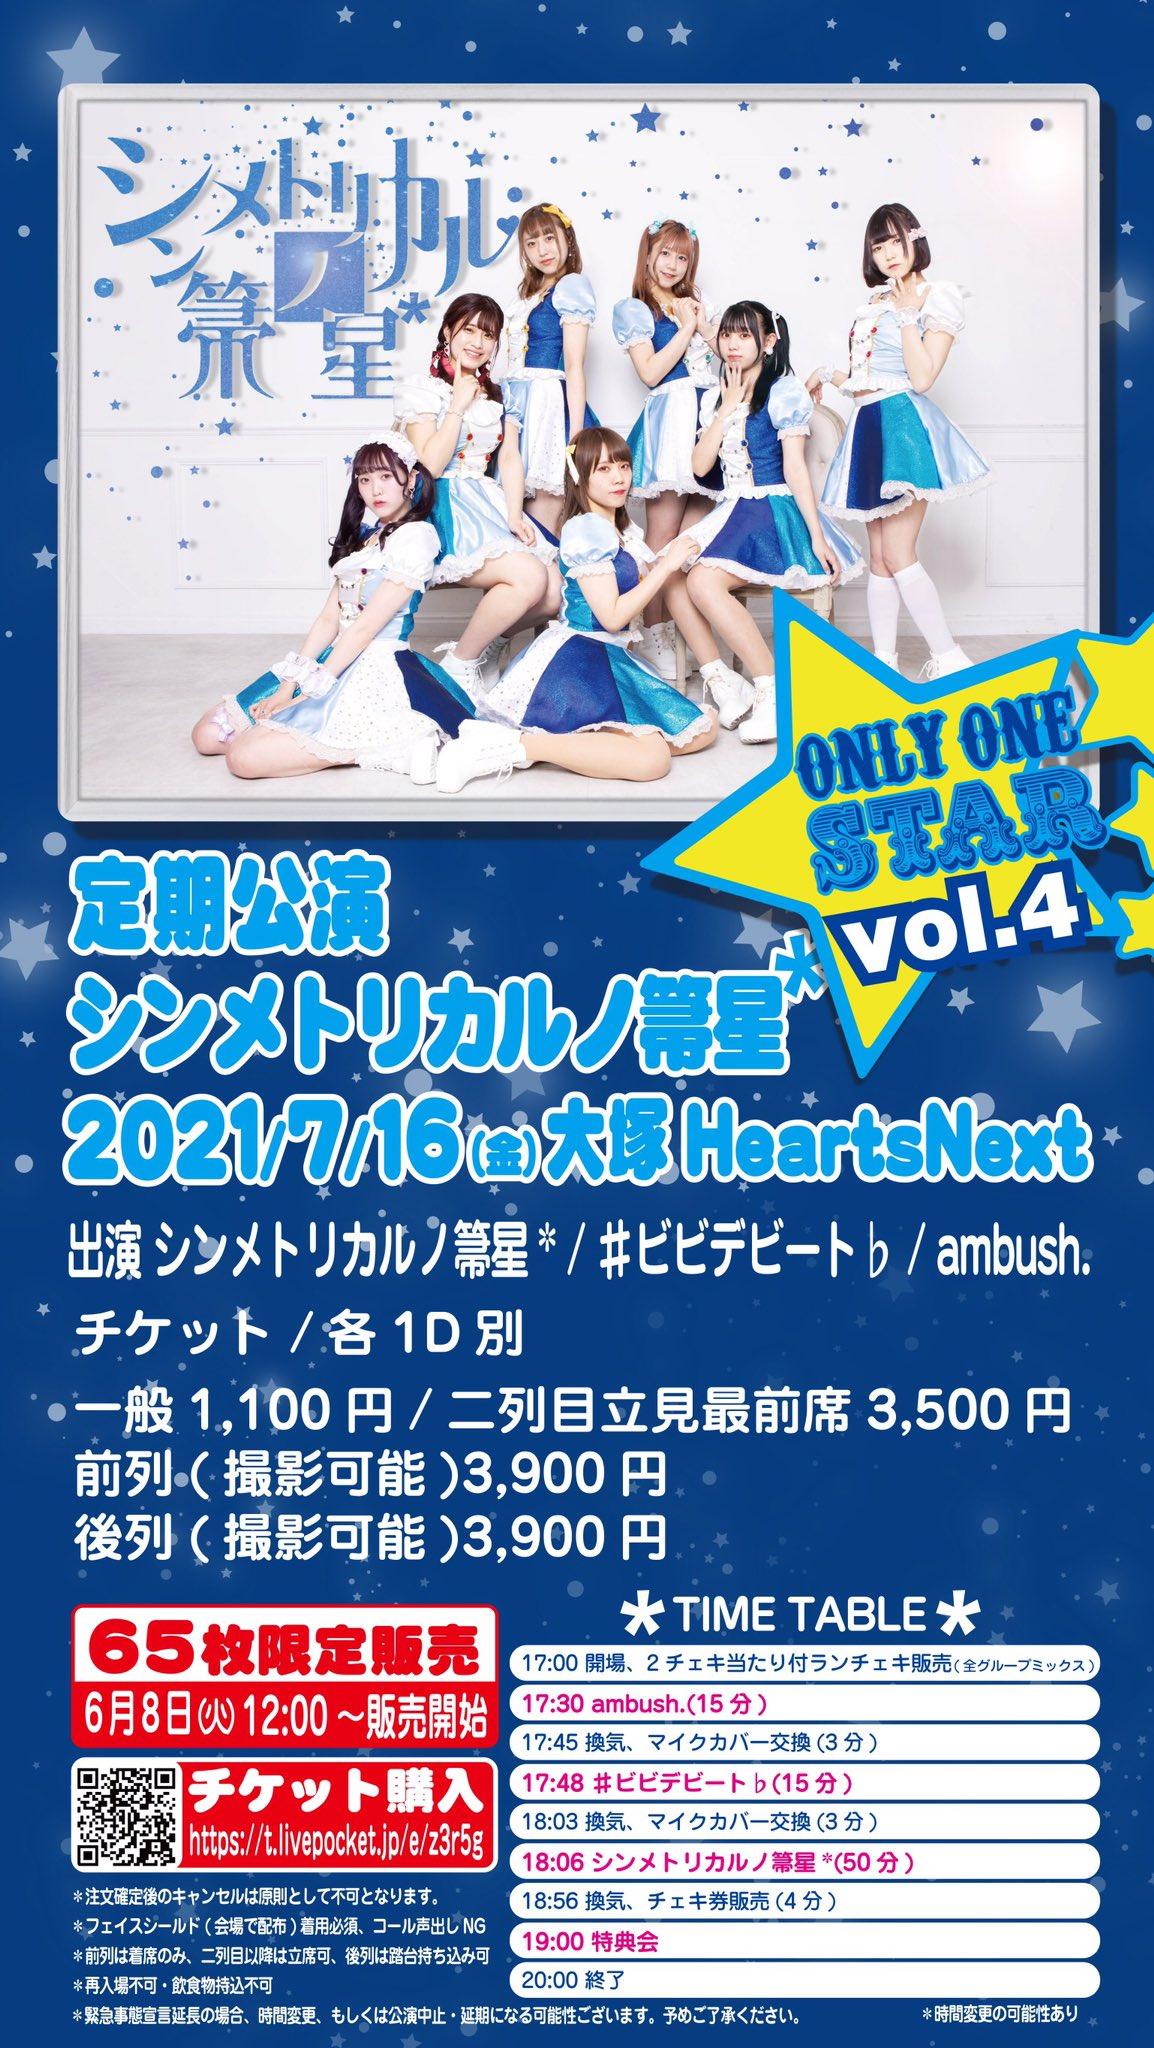 【シンメトリカルノ箒星*定期公演〜ONLY ONE STAR〜第4回】